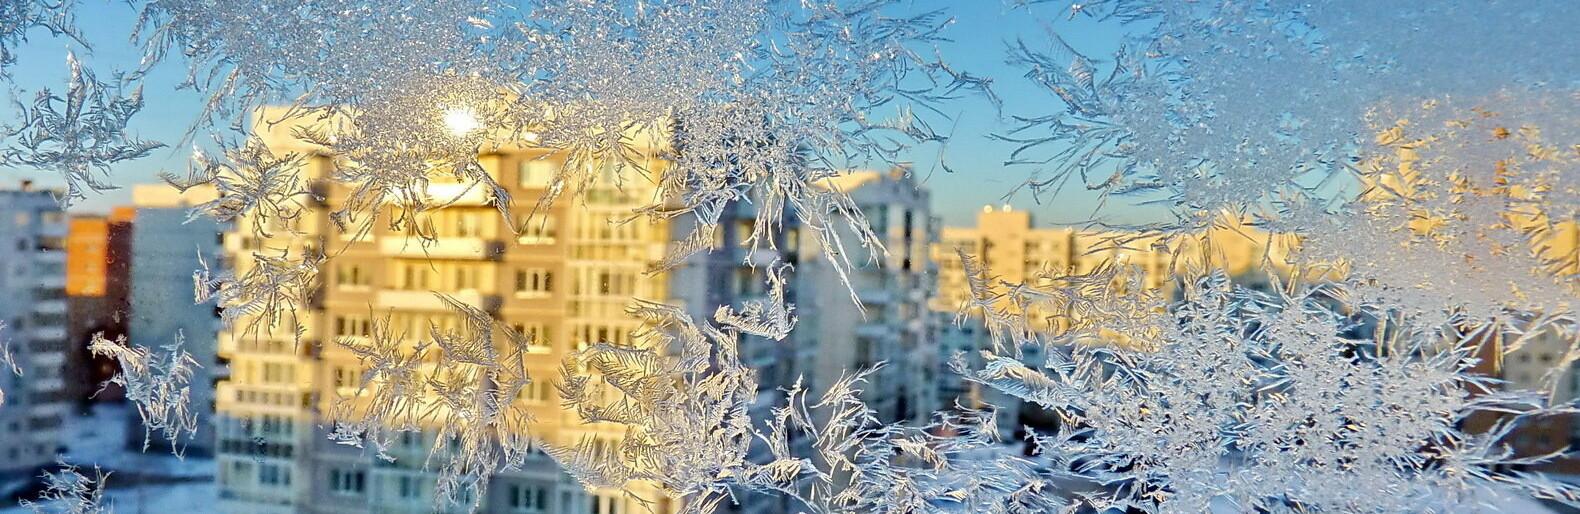 Солнечную погоду без осадков прогнозируют синоптики в Атырау 10 февраля